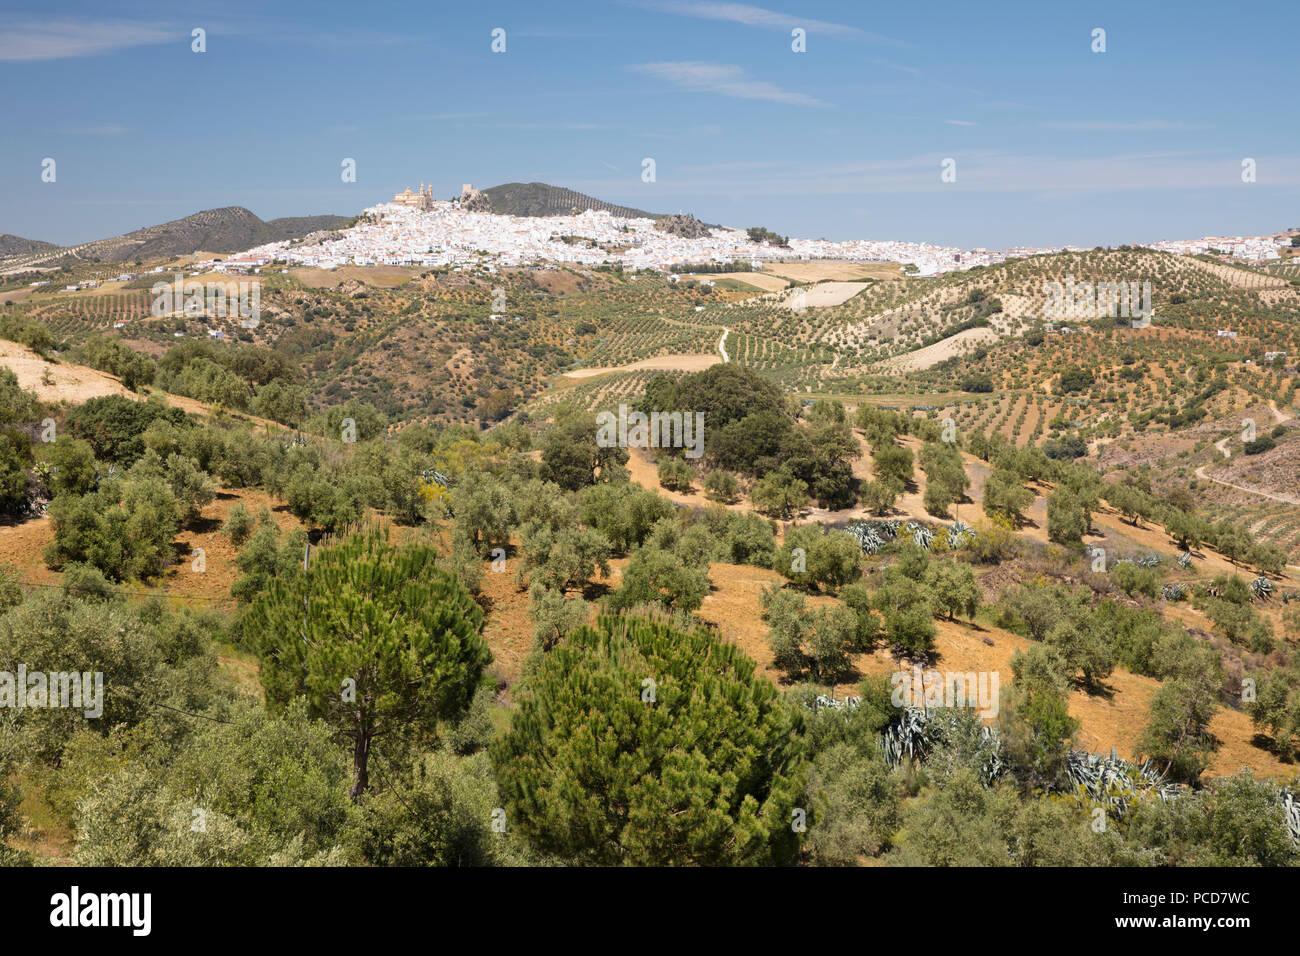 Typisch andalusischer Landschaft mit Olivenhainen und weiße Stadt Olvera, Provinz Cadiz, Andalusien, Spanien, Europa Stockbild